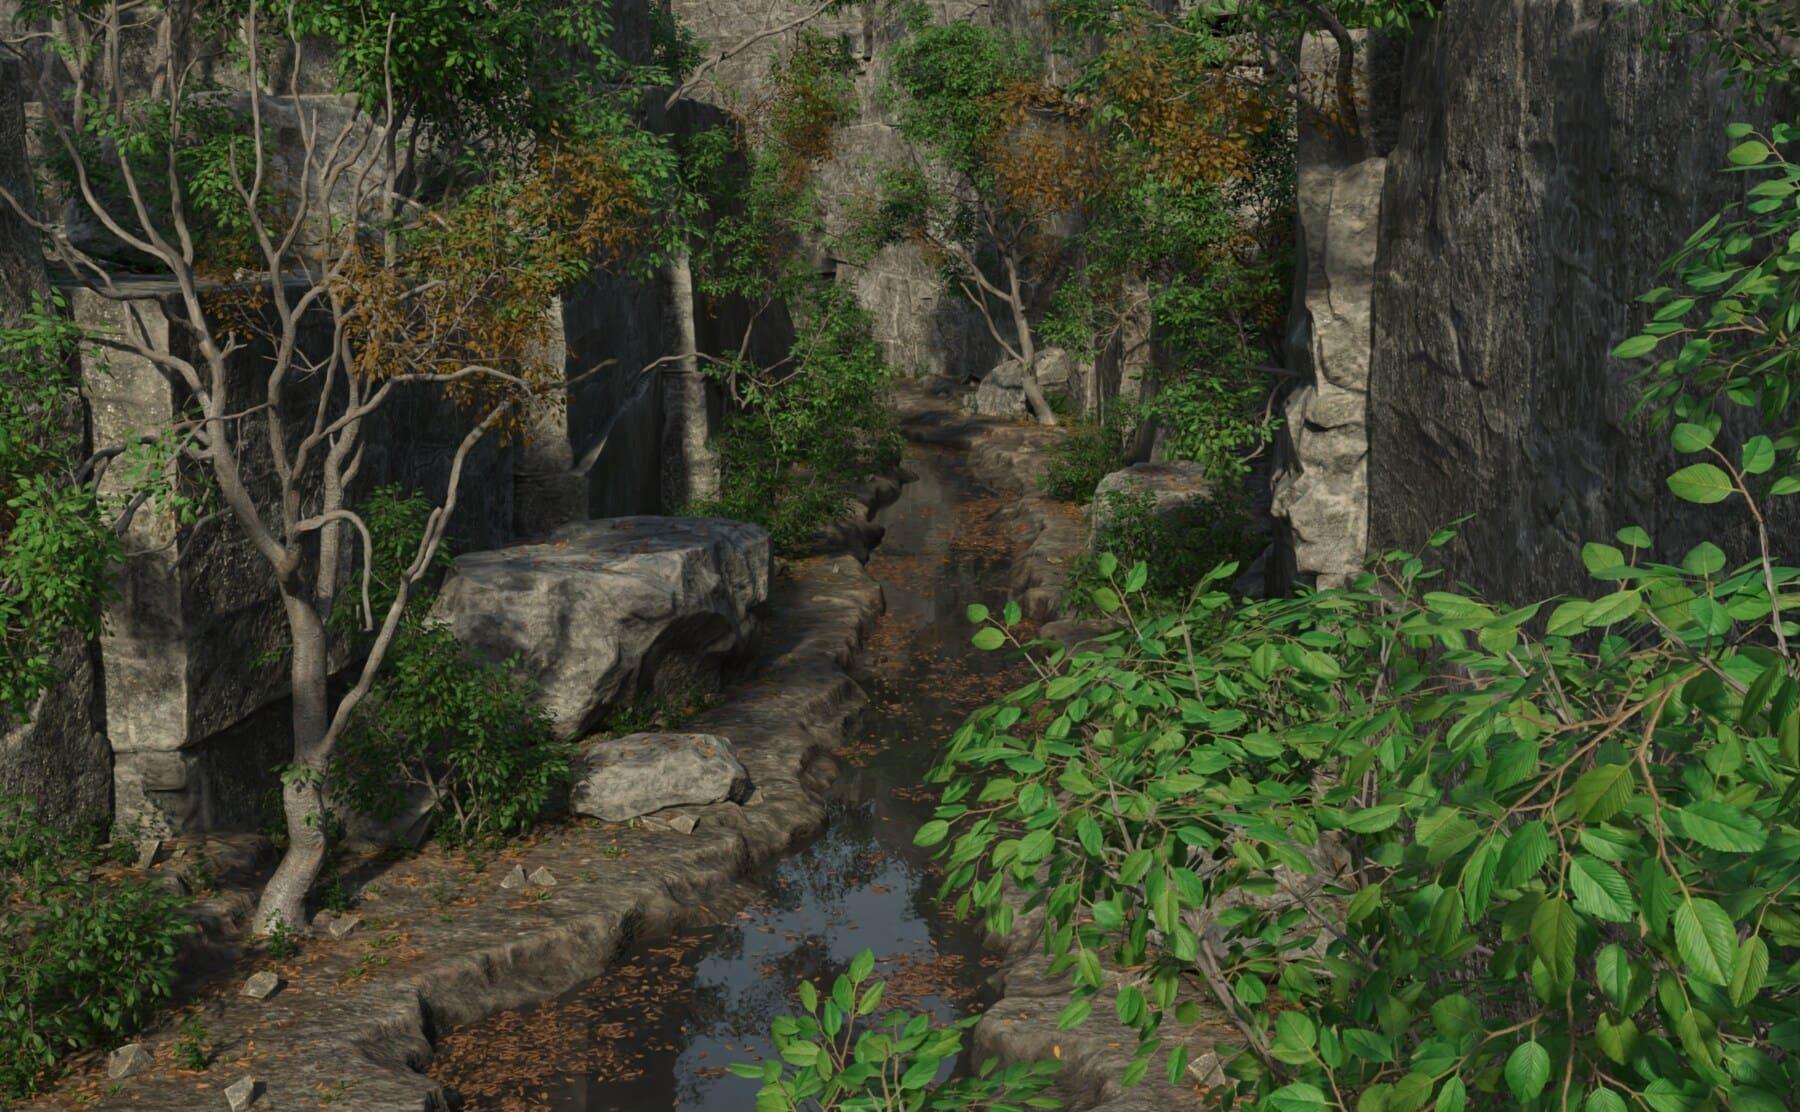 艺术, 数字, 视觉, 剪辑, 森林, 溪, 水, 叶, 景观, 树